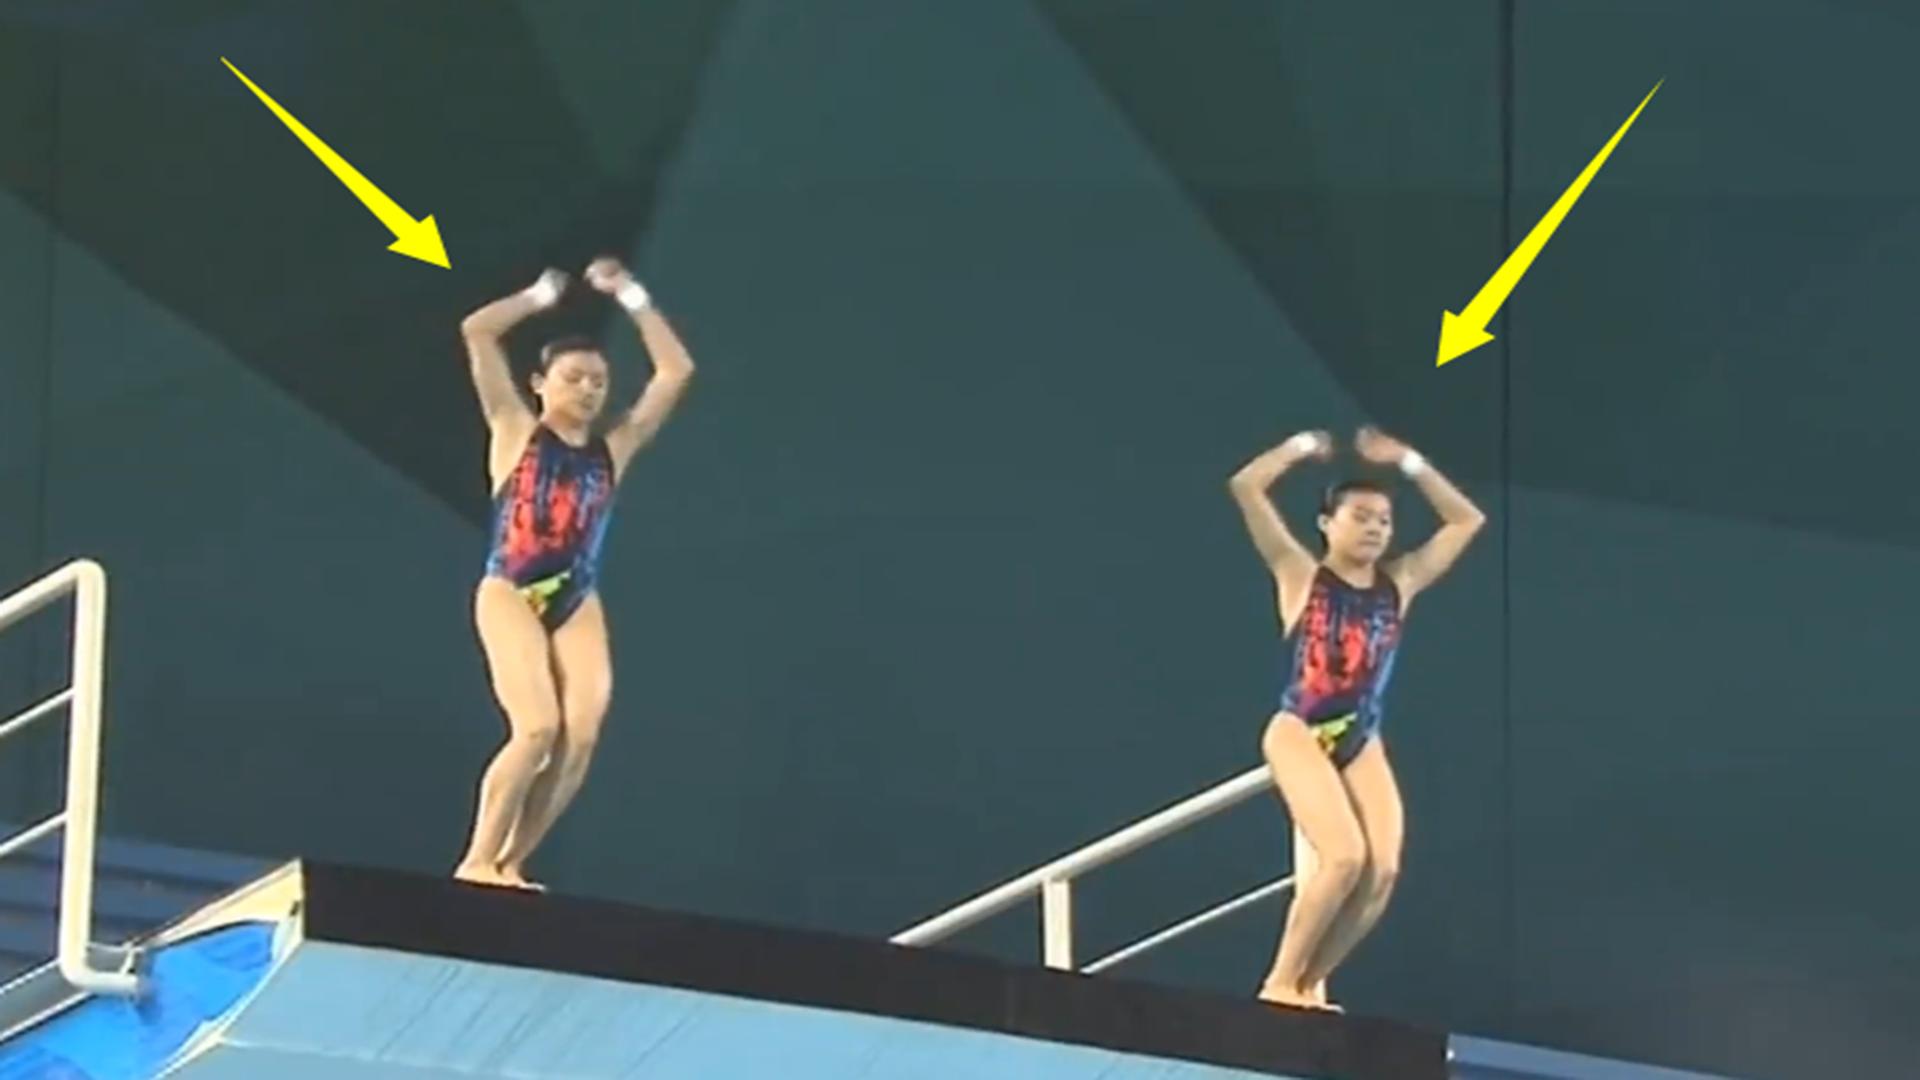 真正的神同步?中国跳水双胞胎姐妹花这一跳爆发,裁判都被征服了